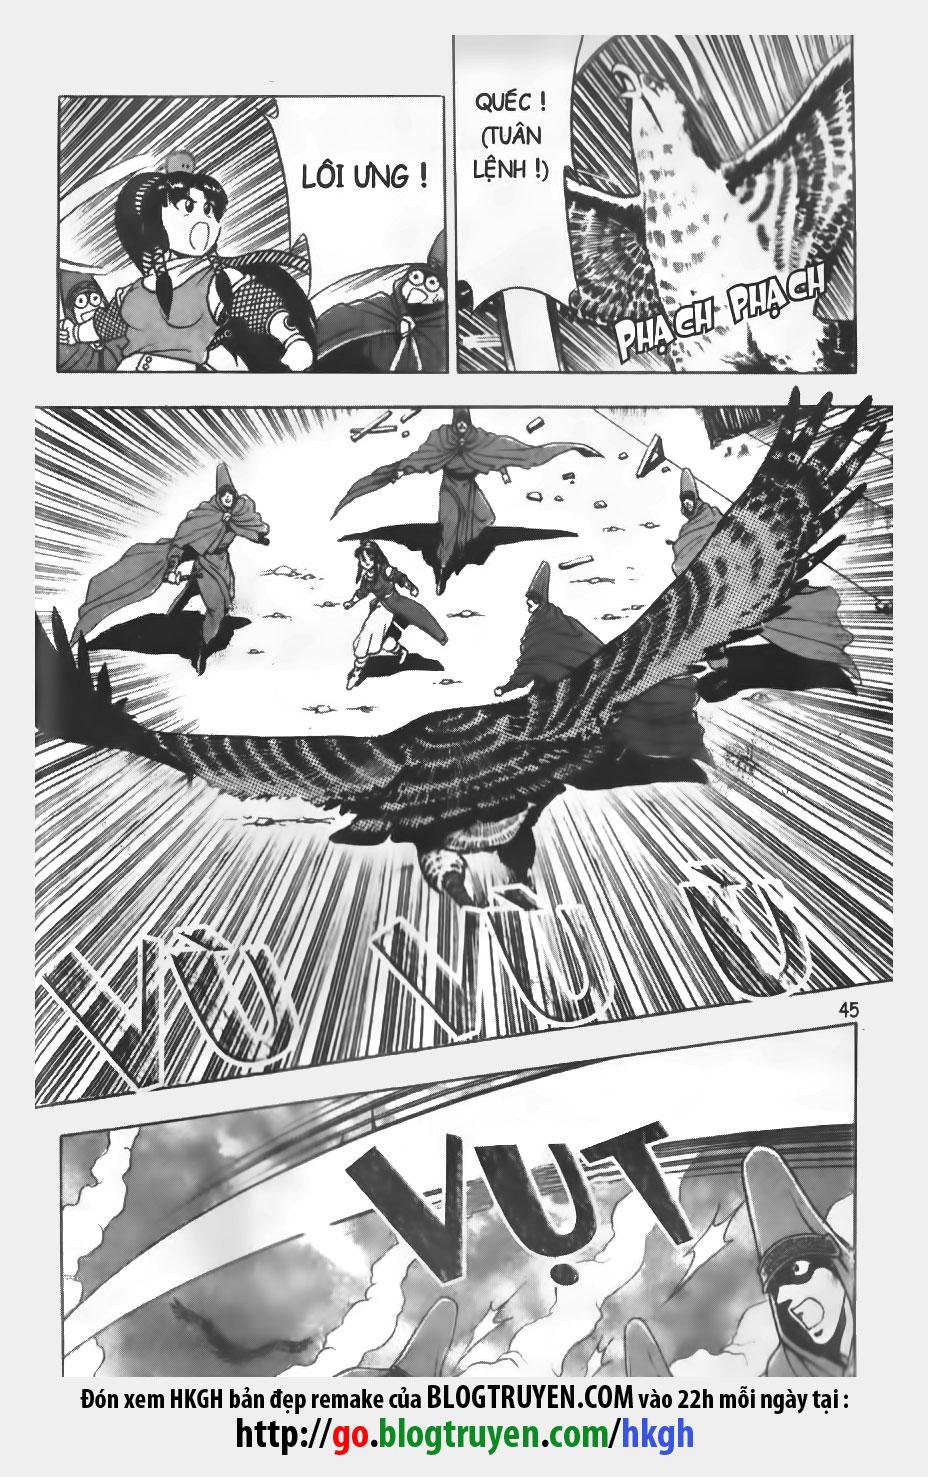 xem truyen moi - Hiệp Khách Giang Hồ Vol10 - Chap 063 - Remake